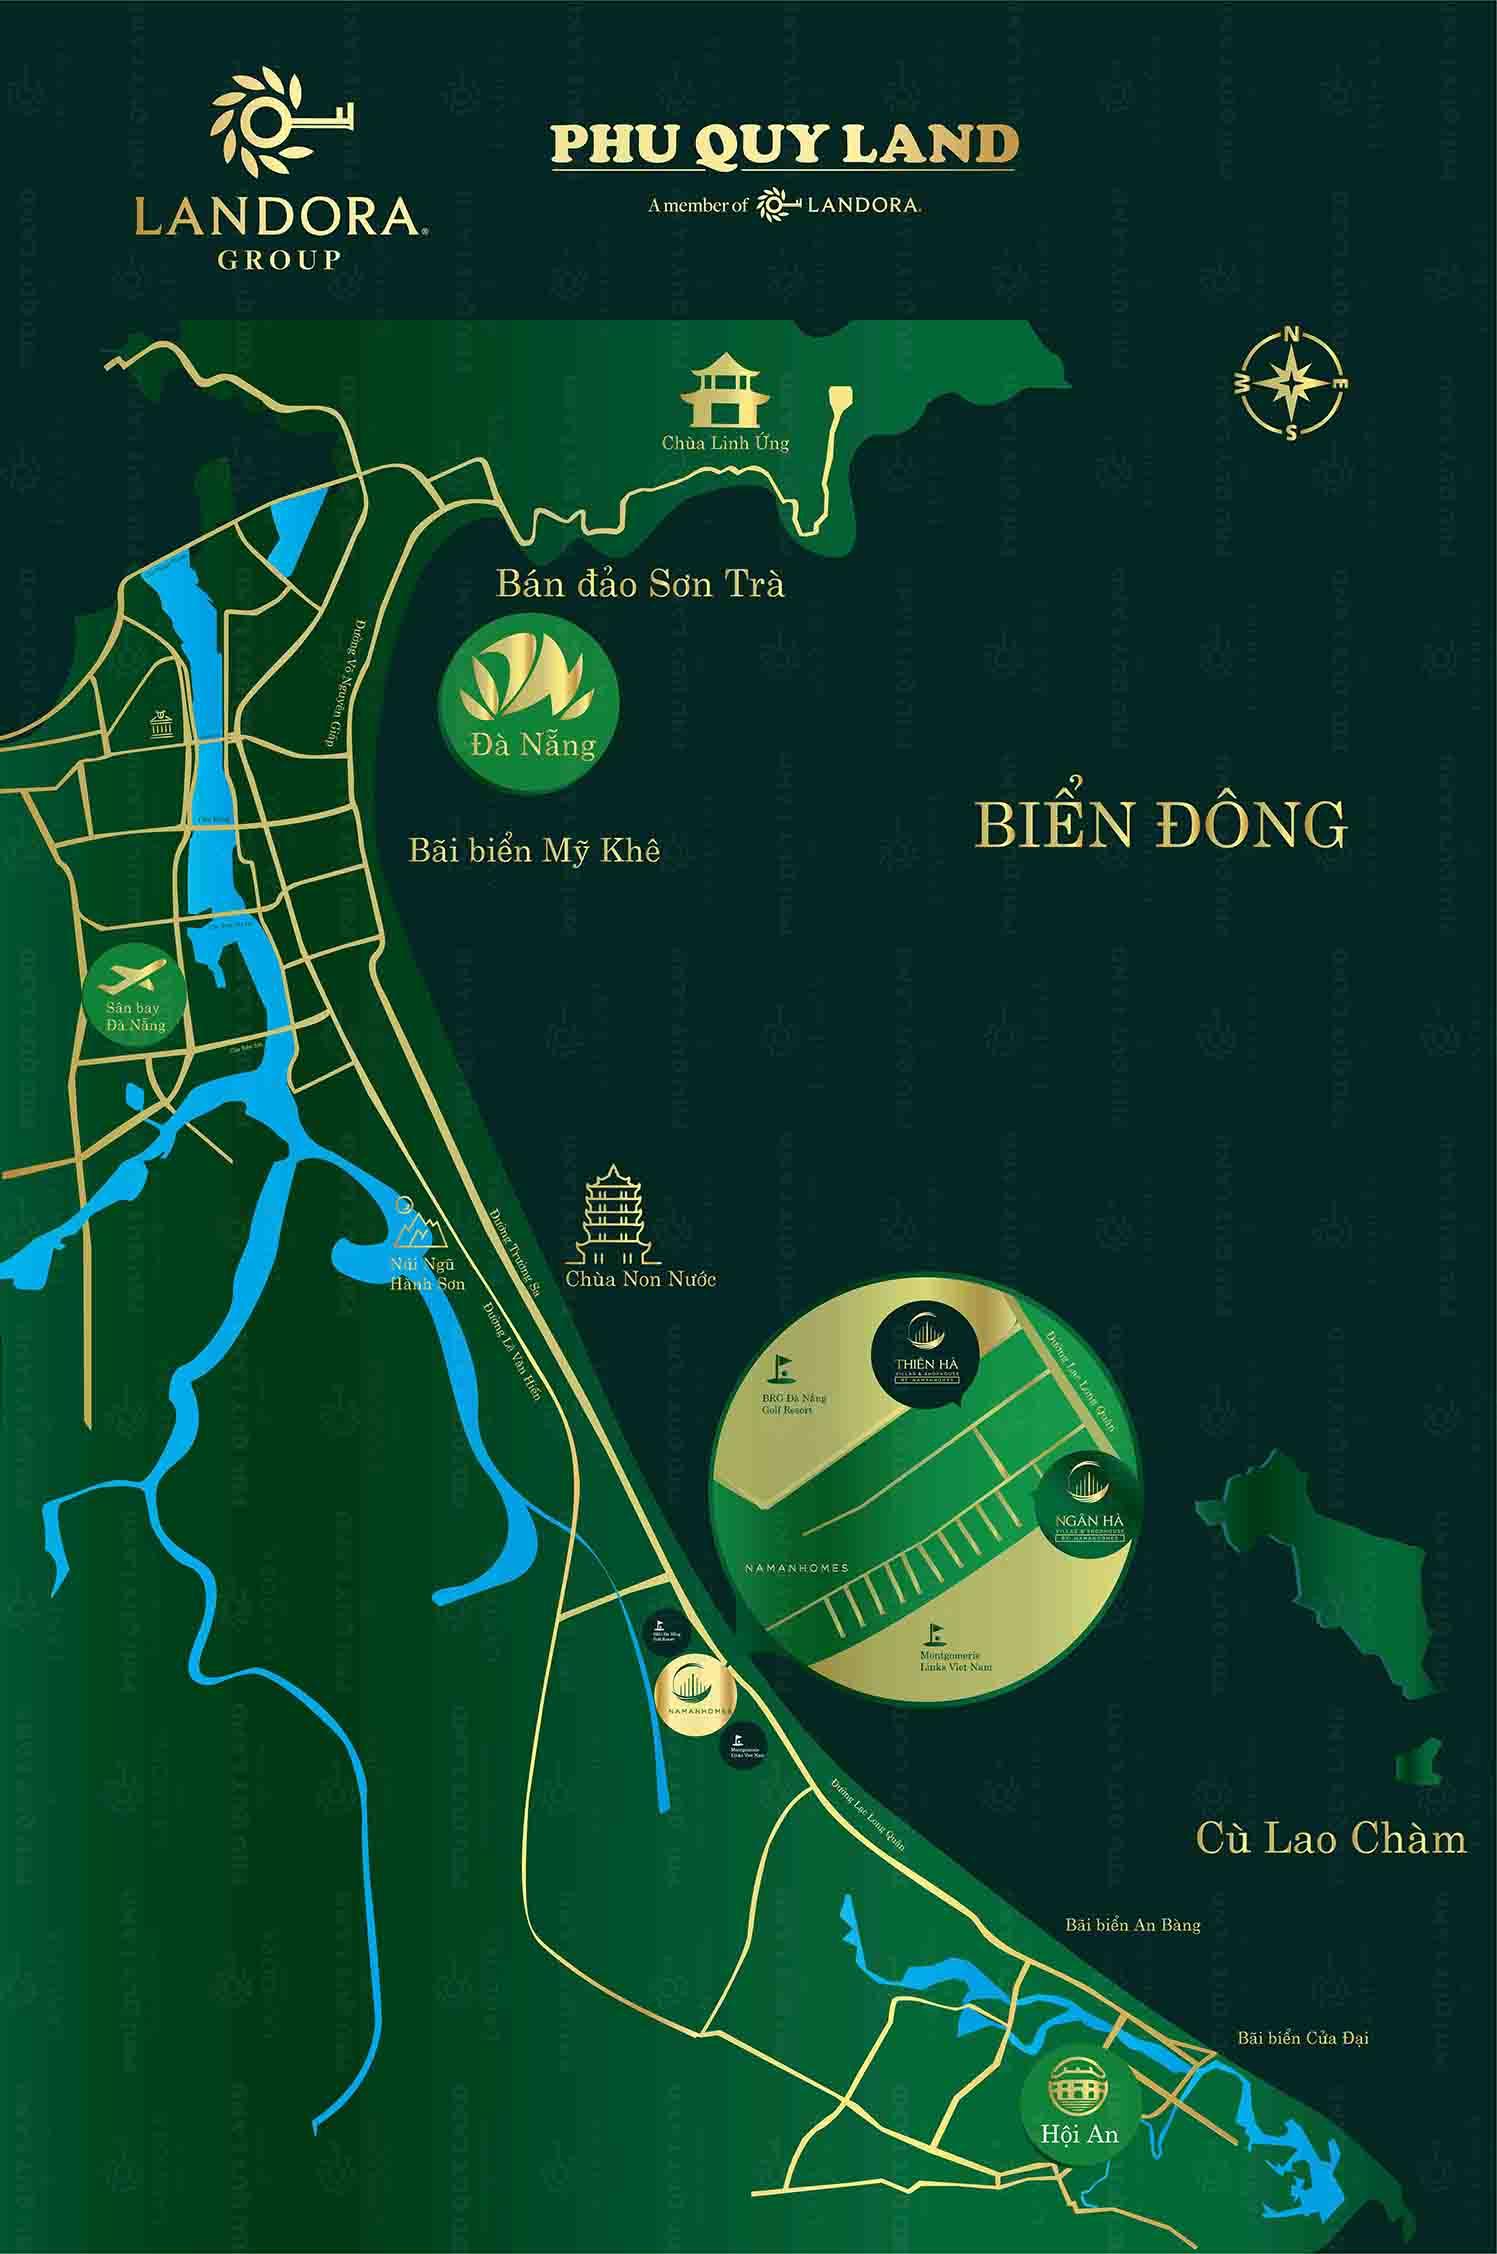 Vị trí đắc địa tại trung tâm du lịch Đà Nẵng - Hội An